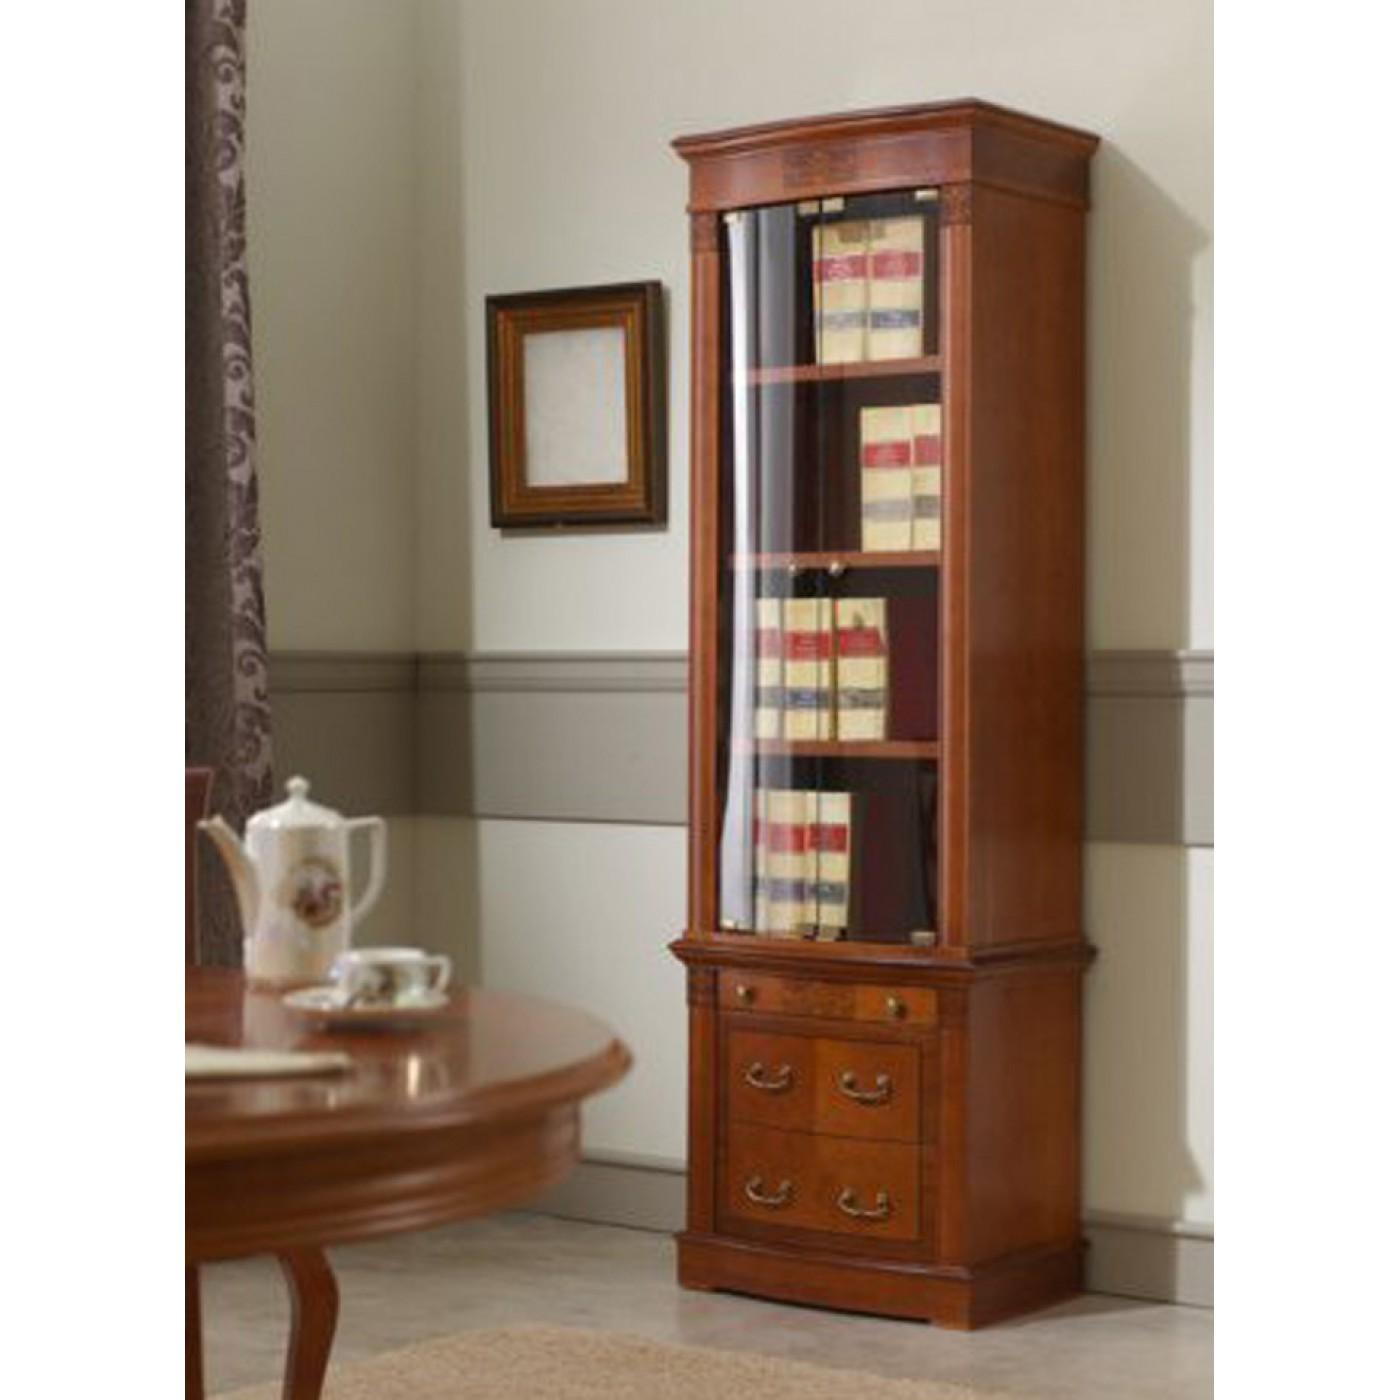 Модульный книжный шкаф tarfa орех. шкафы для книг открытые и.